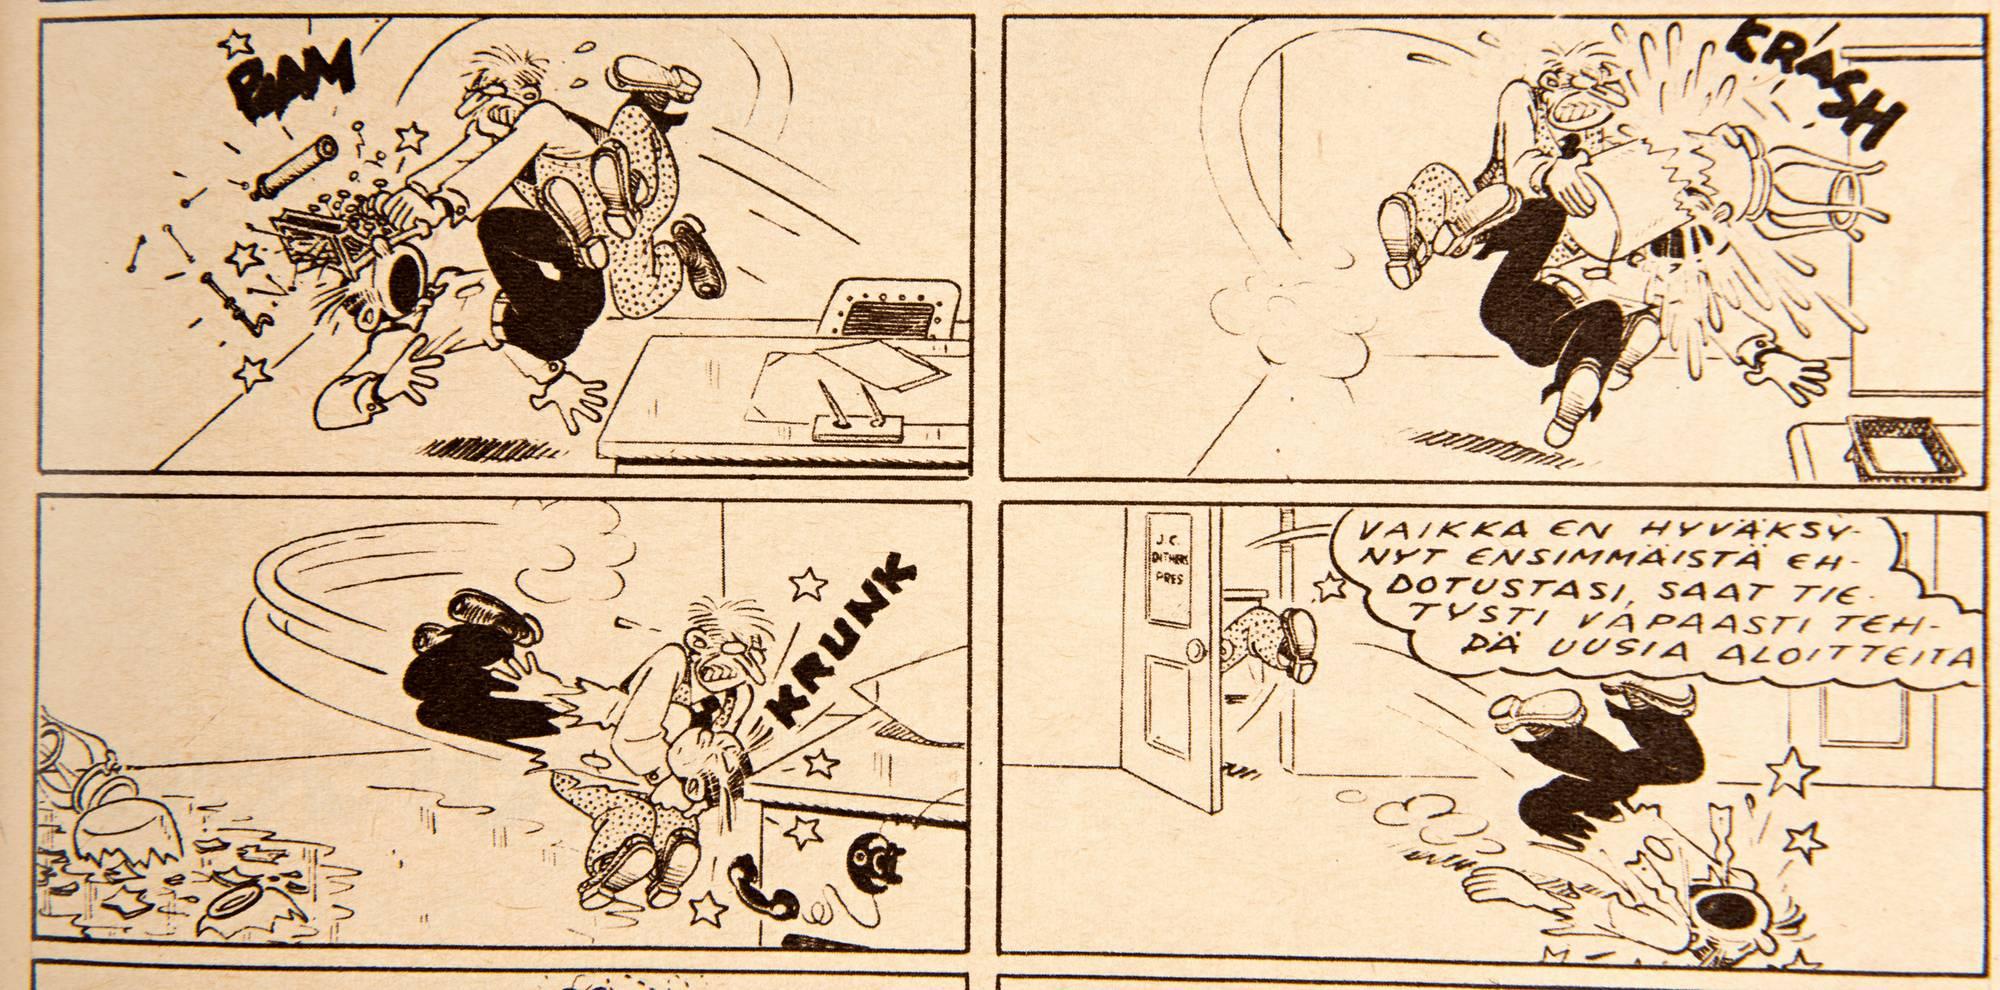 Heikki jätti aloitteen, mutta johtaja Tiitinen halusi vielä keskustella. SK 45/1957.